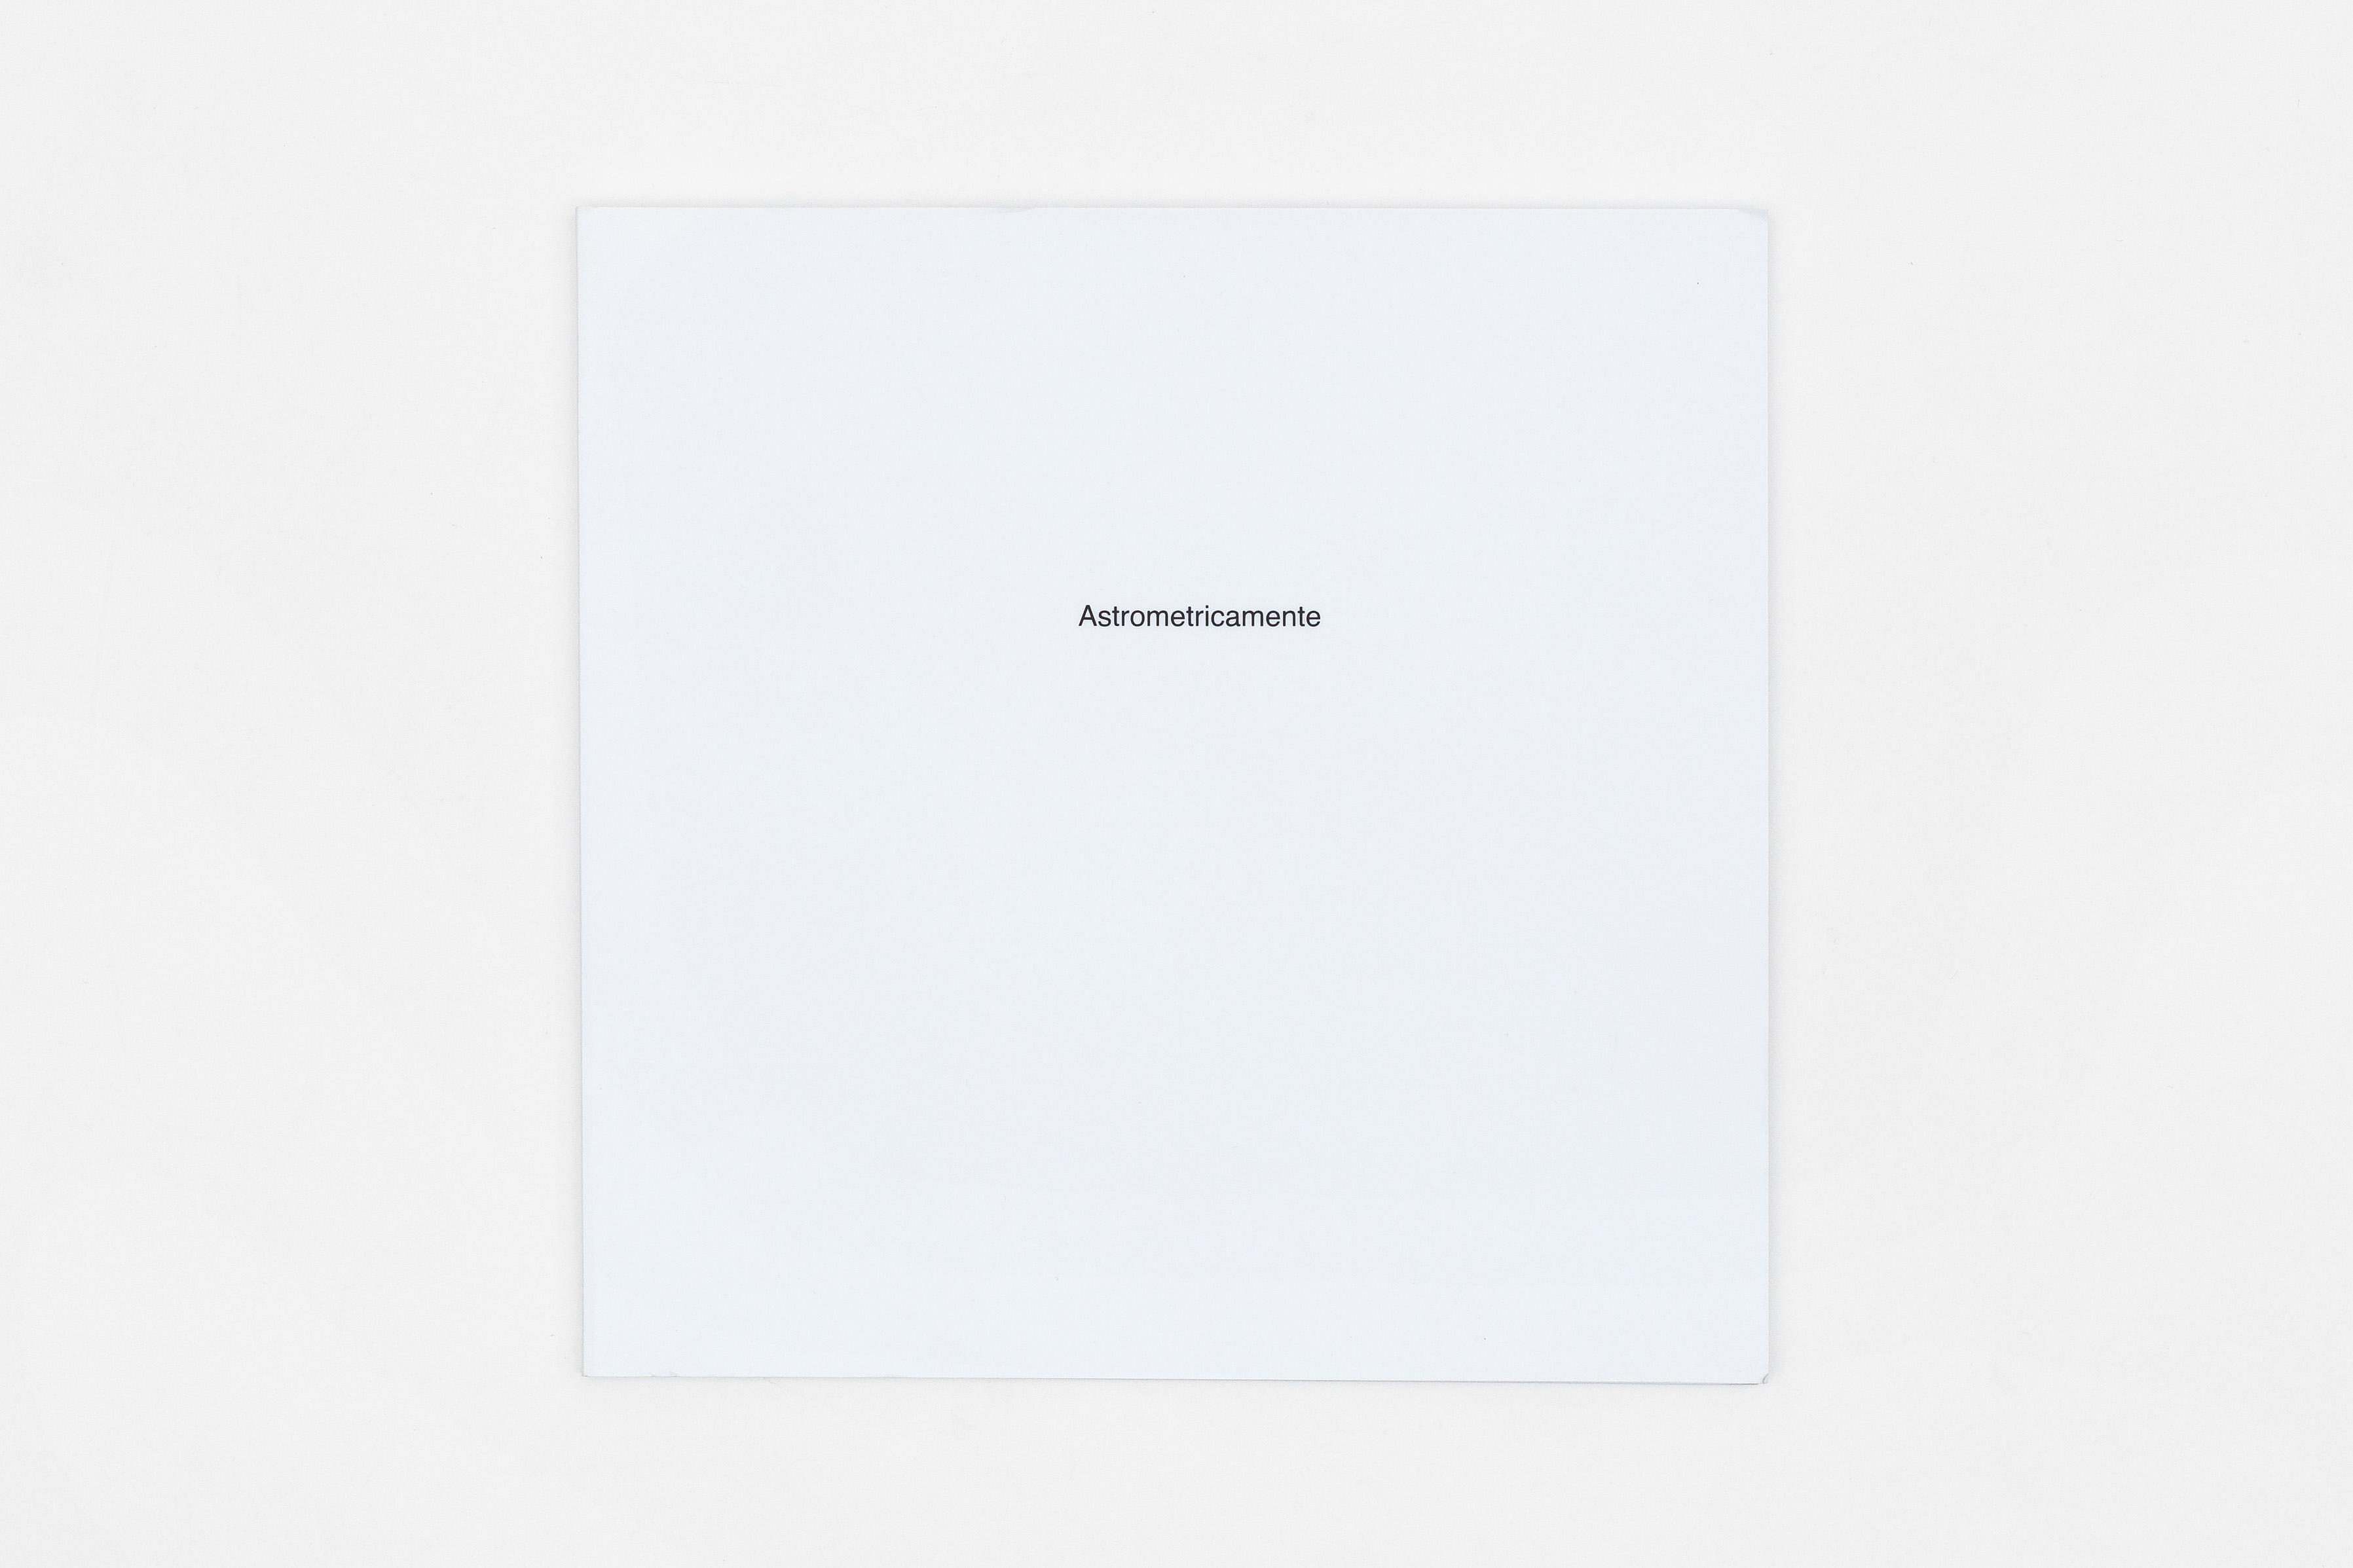 Matteo Collina - Astrometricamente / Esame Triennio ISIA